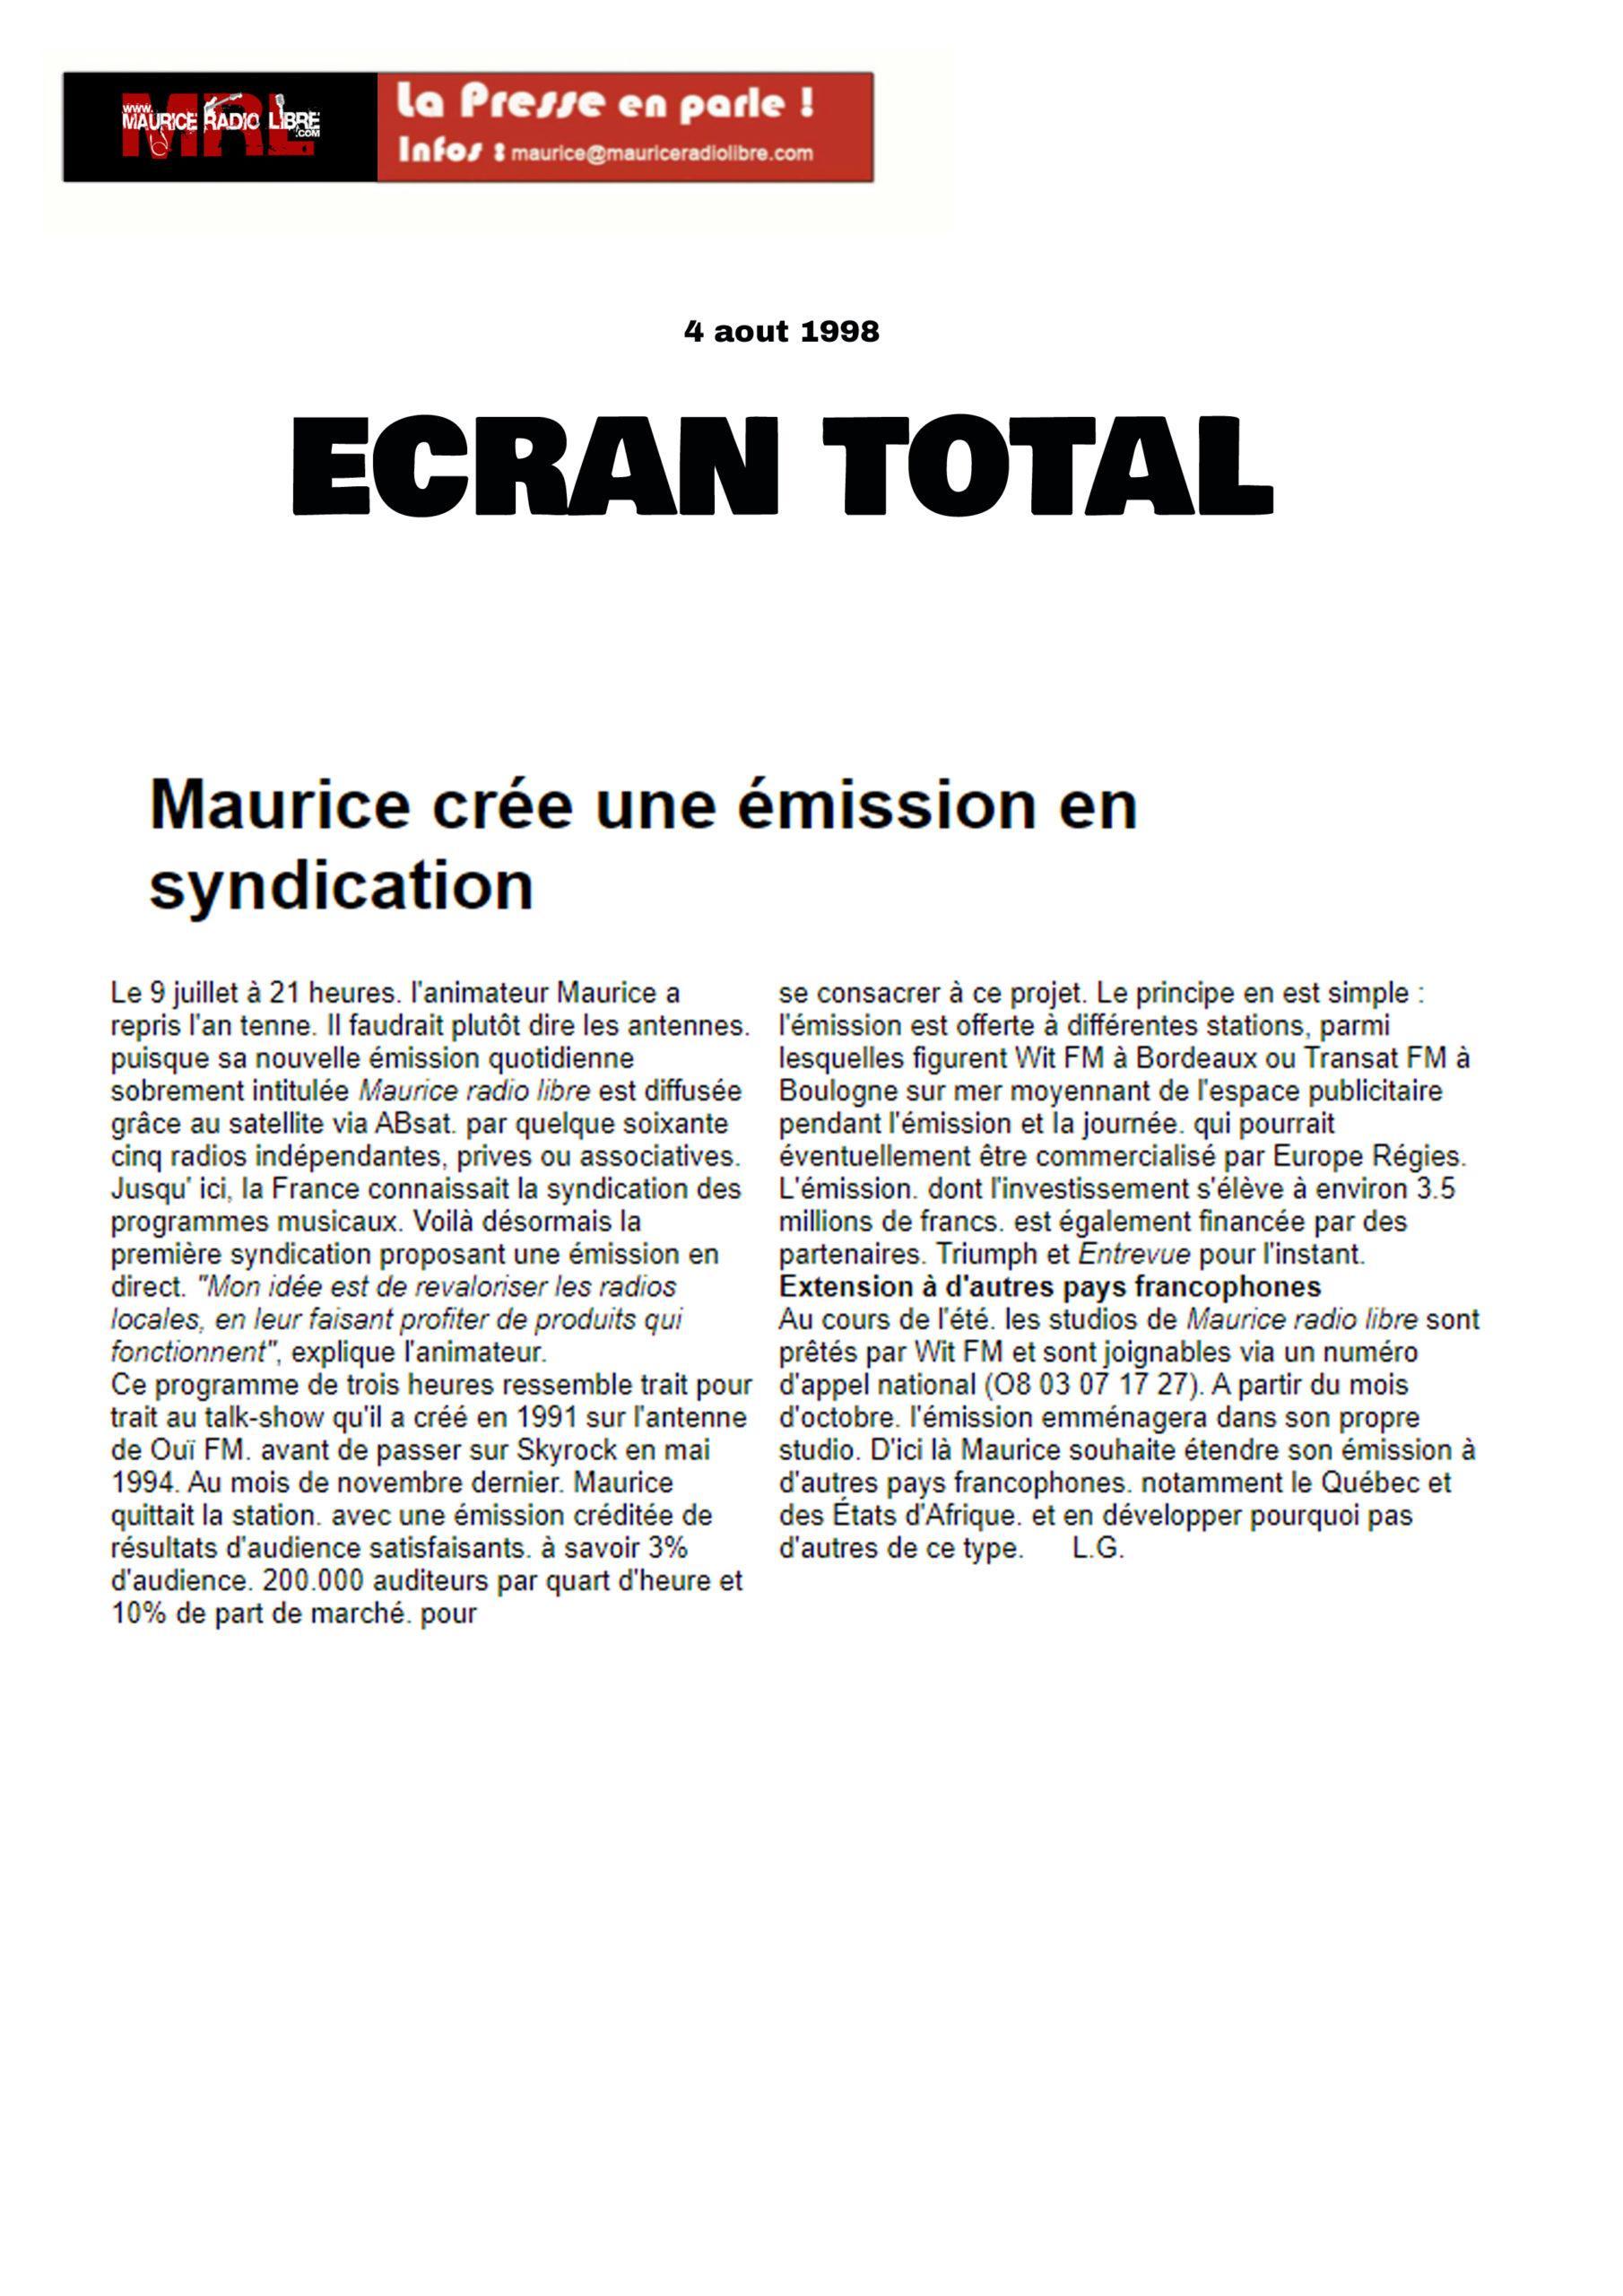 vignette ECRAN TOTAL - Maurice crée une émission en syndication